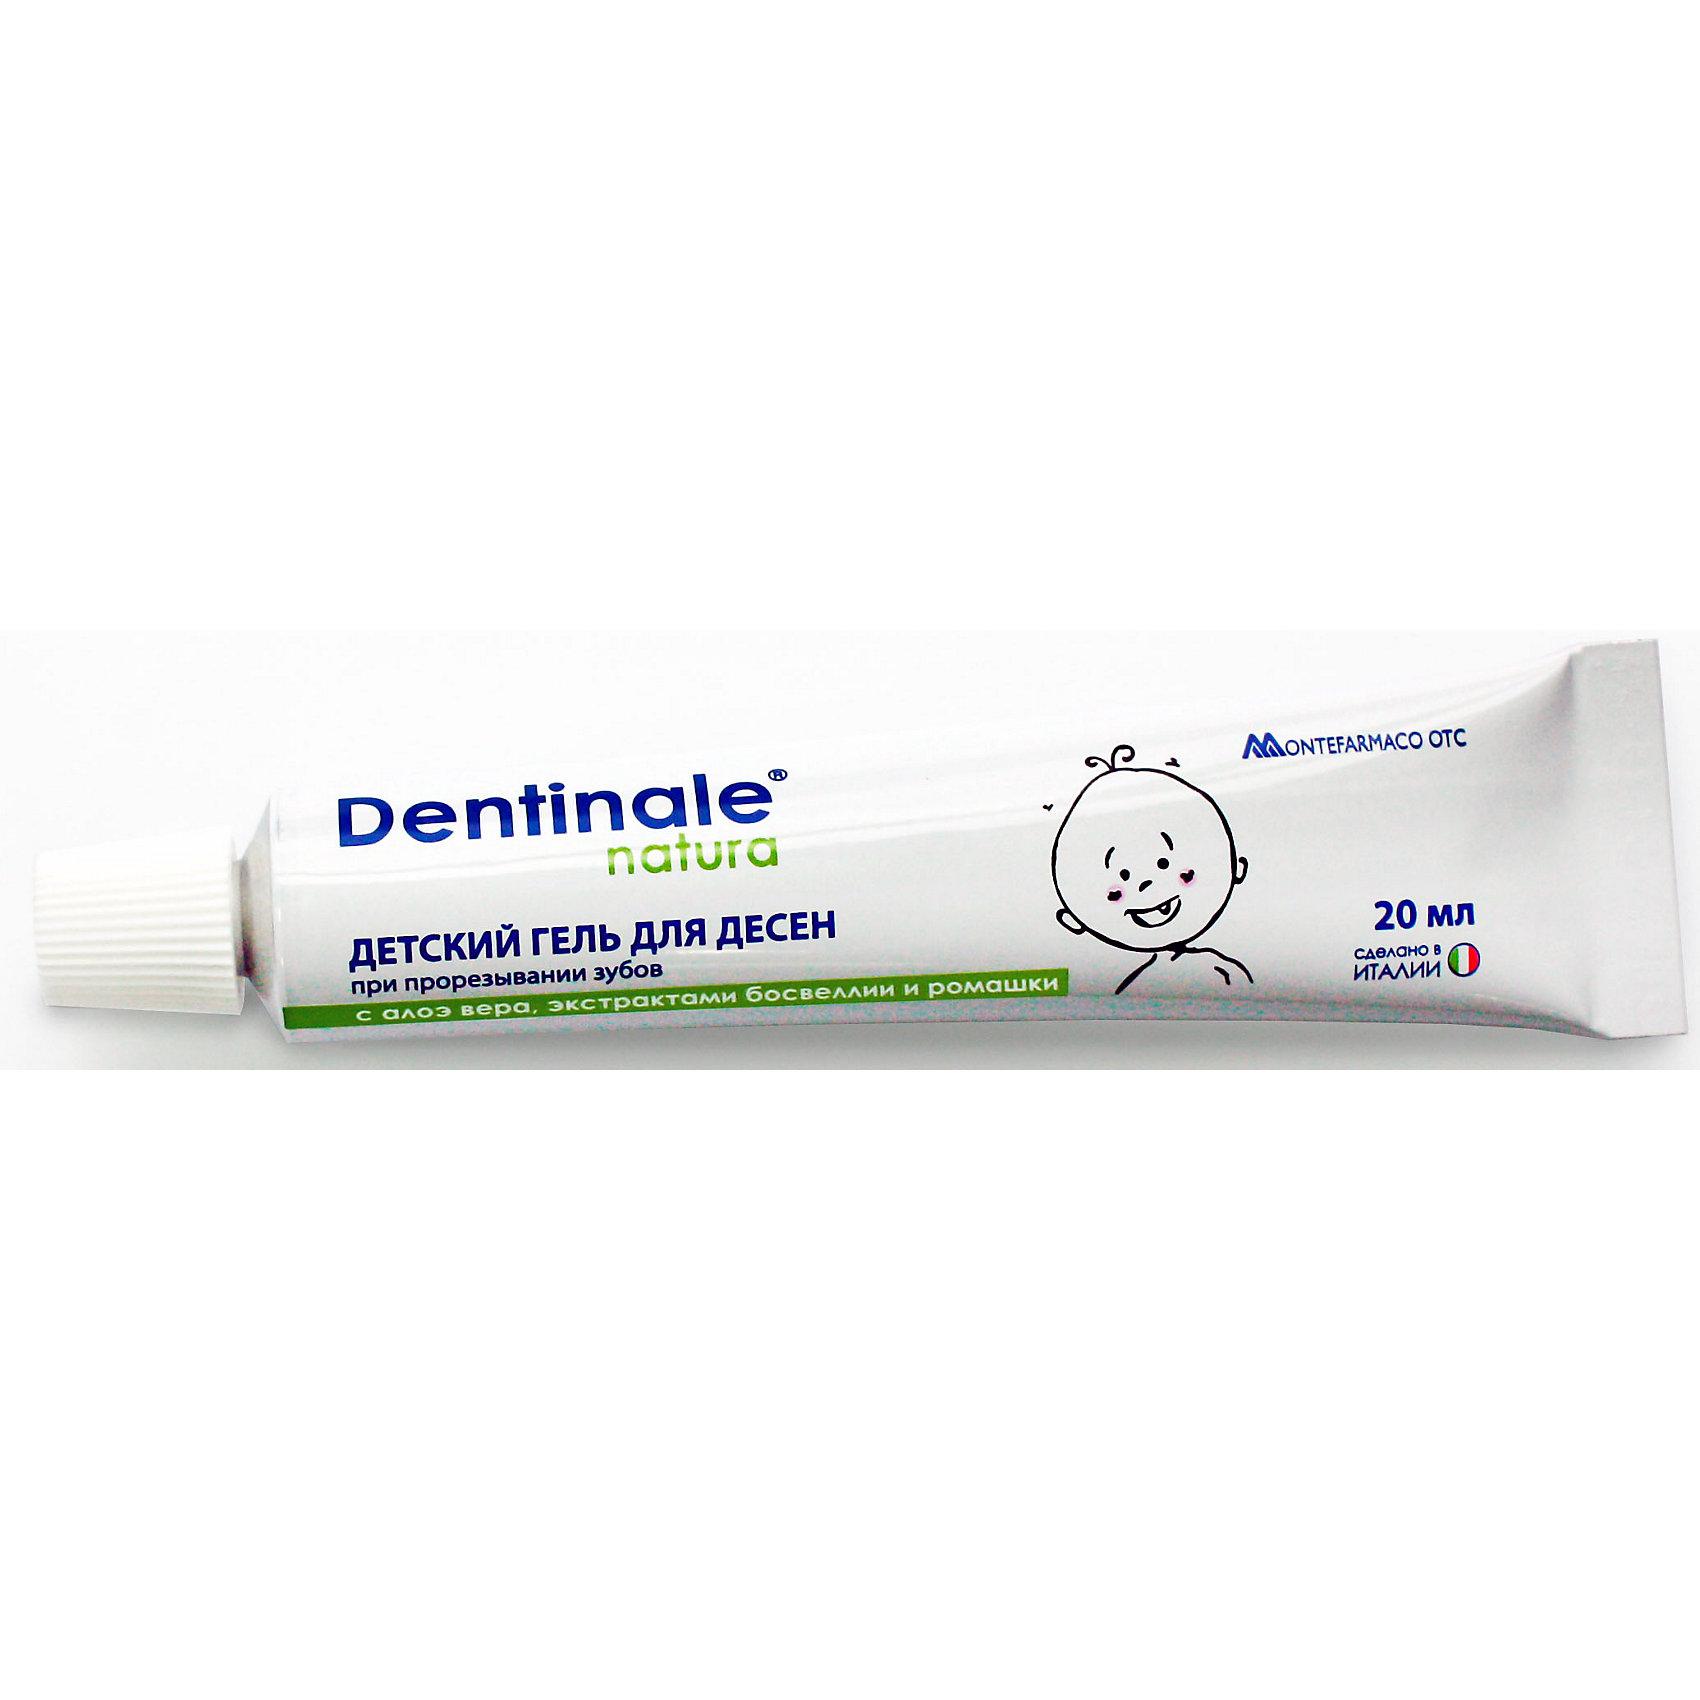 Детский гель для десен Dentinale Natura, 20 мл по цене 637